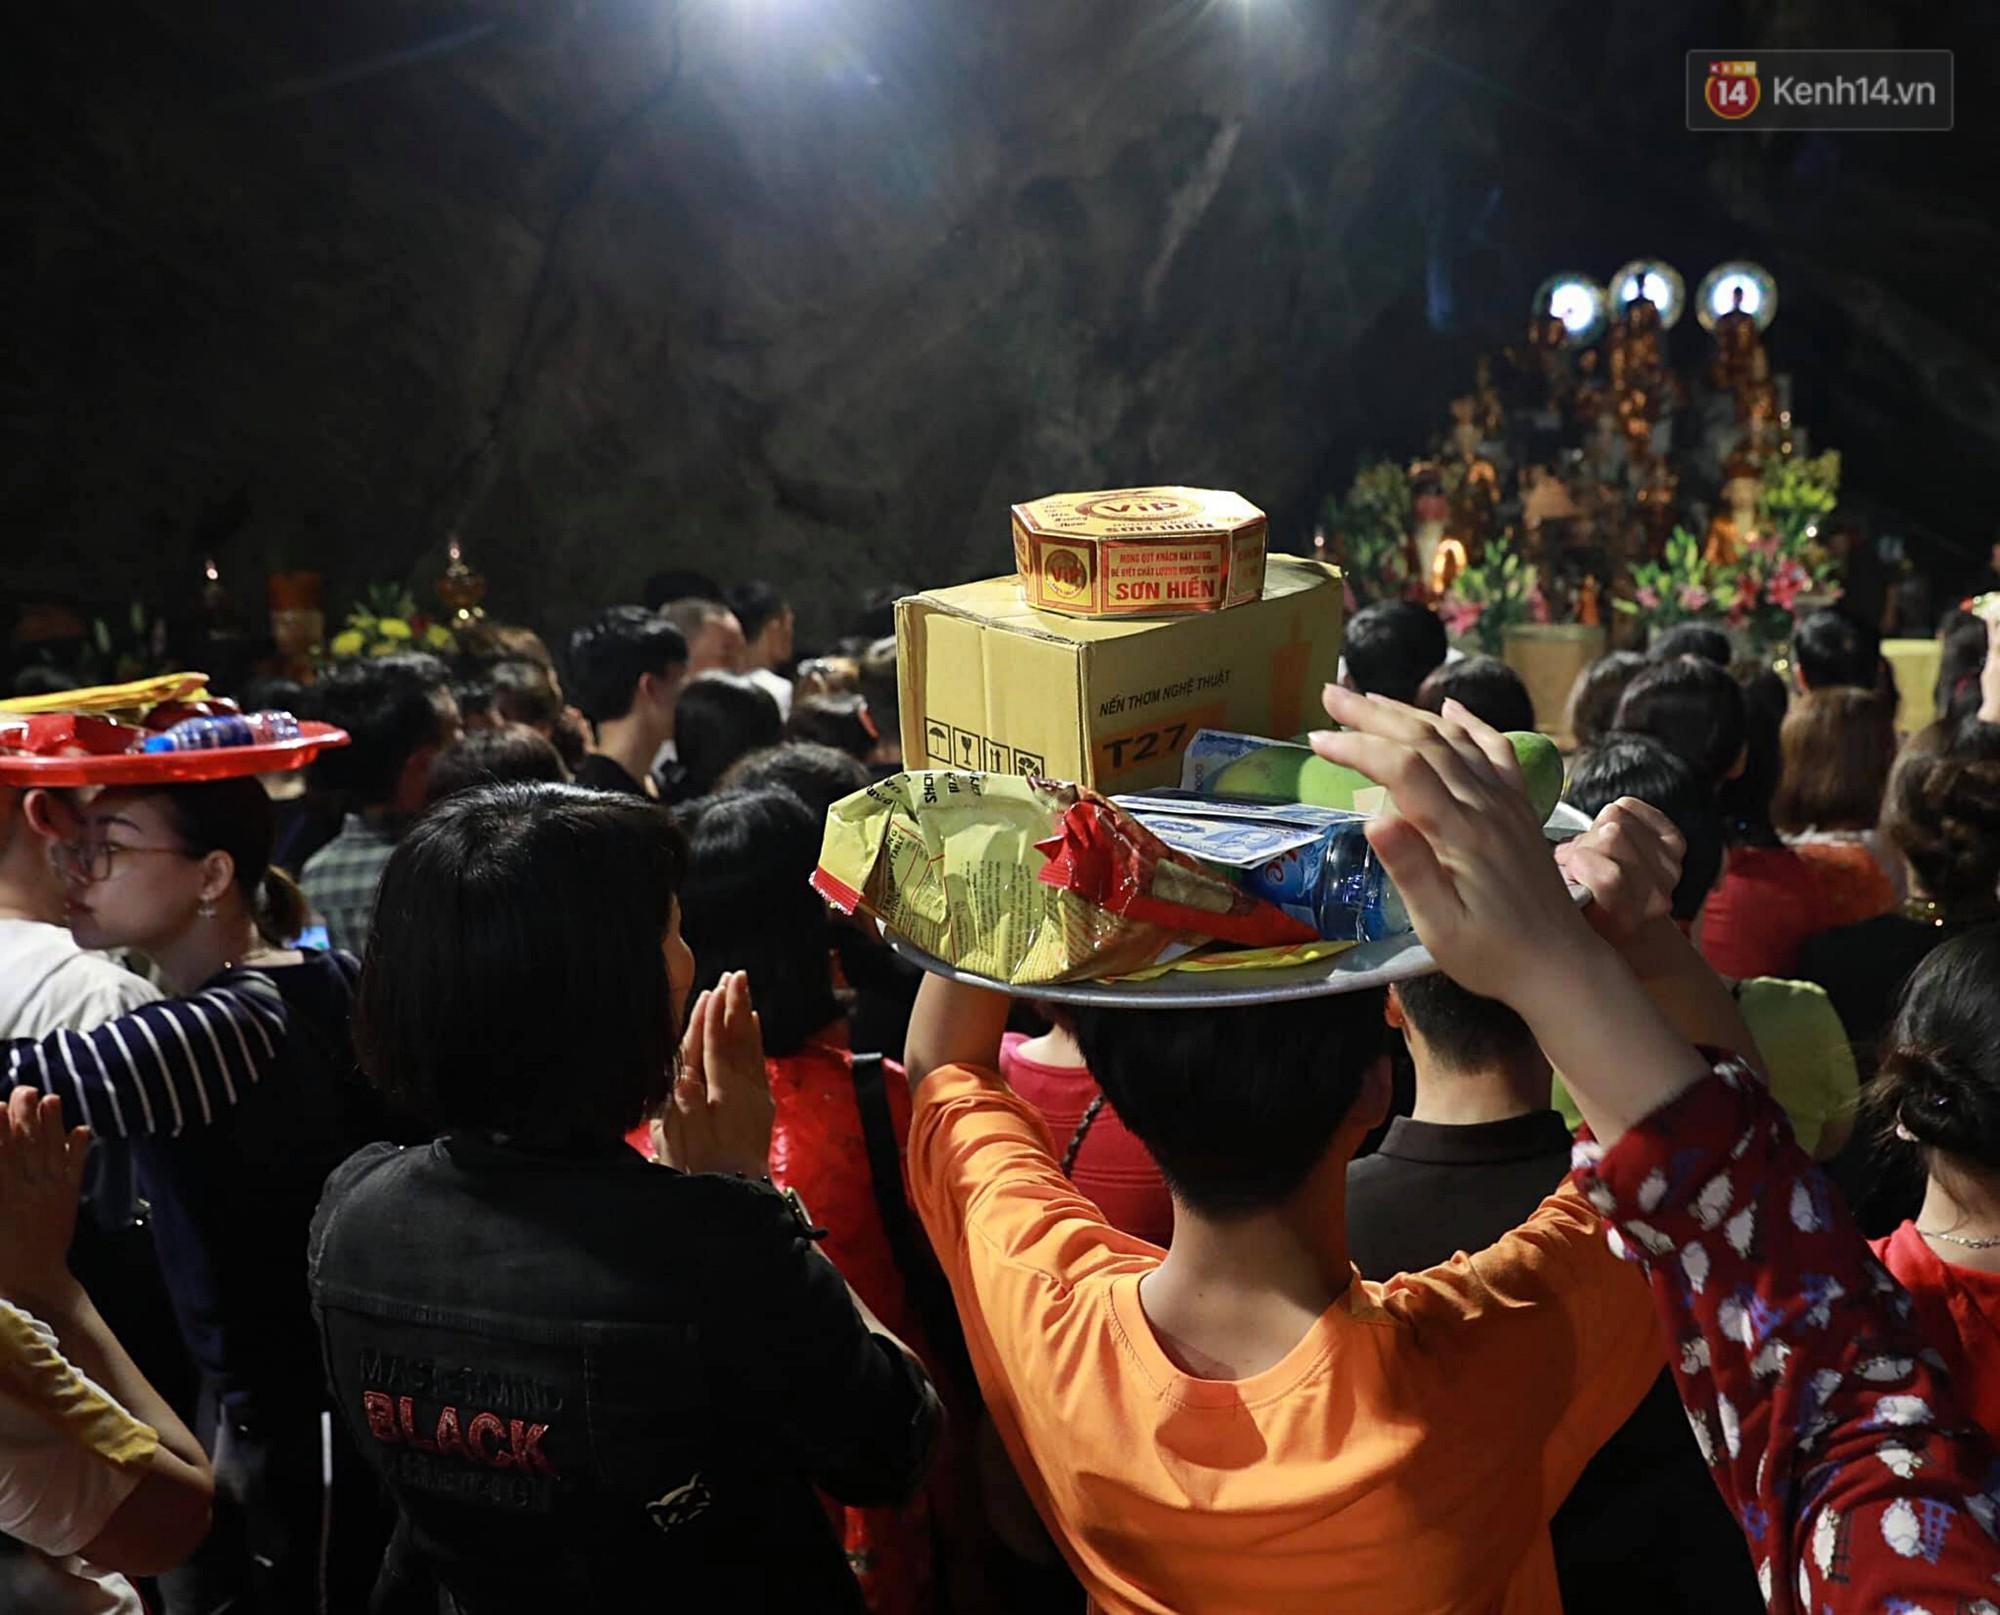 Gần 5 vạn người đổ về chùa Hương trong ngày mồng 5 Tết, 1 ngày trước khi khai hội - Ảnh 12.